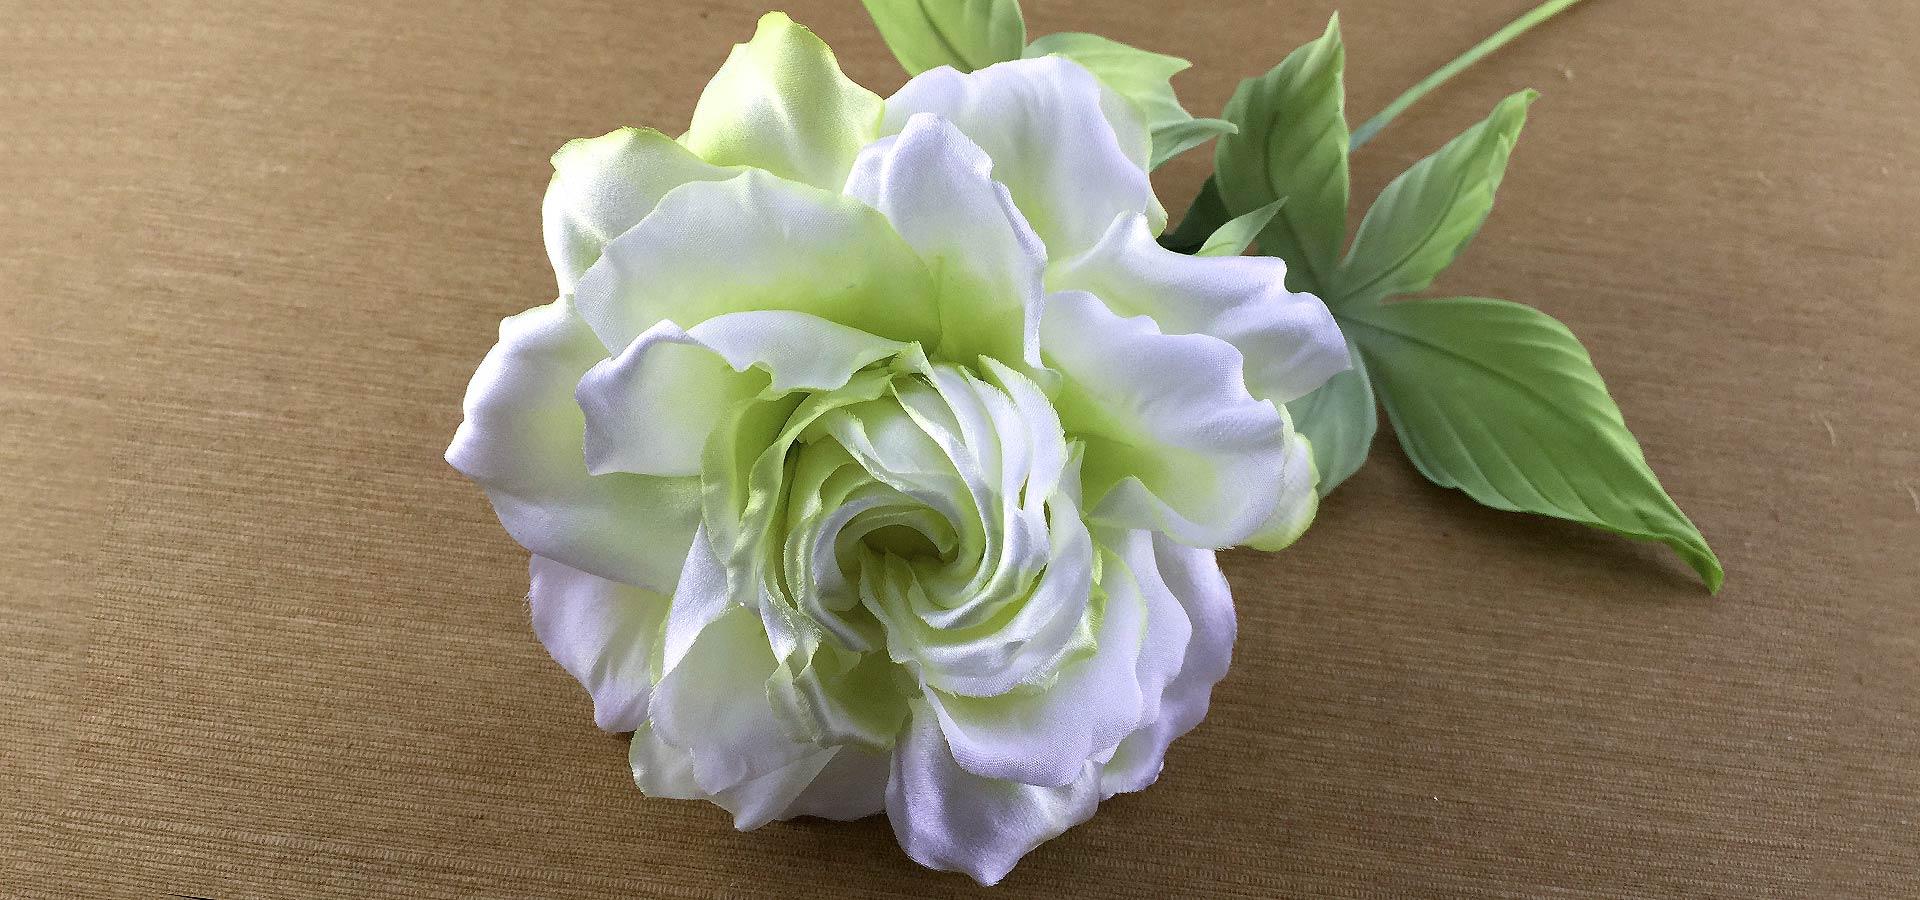 jp1-silk-rose-belaya